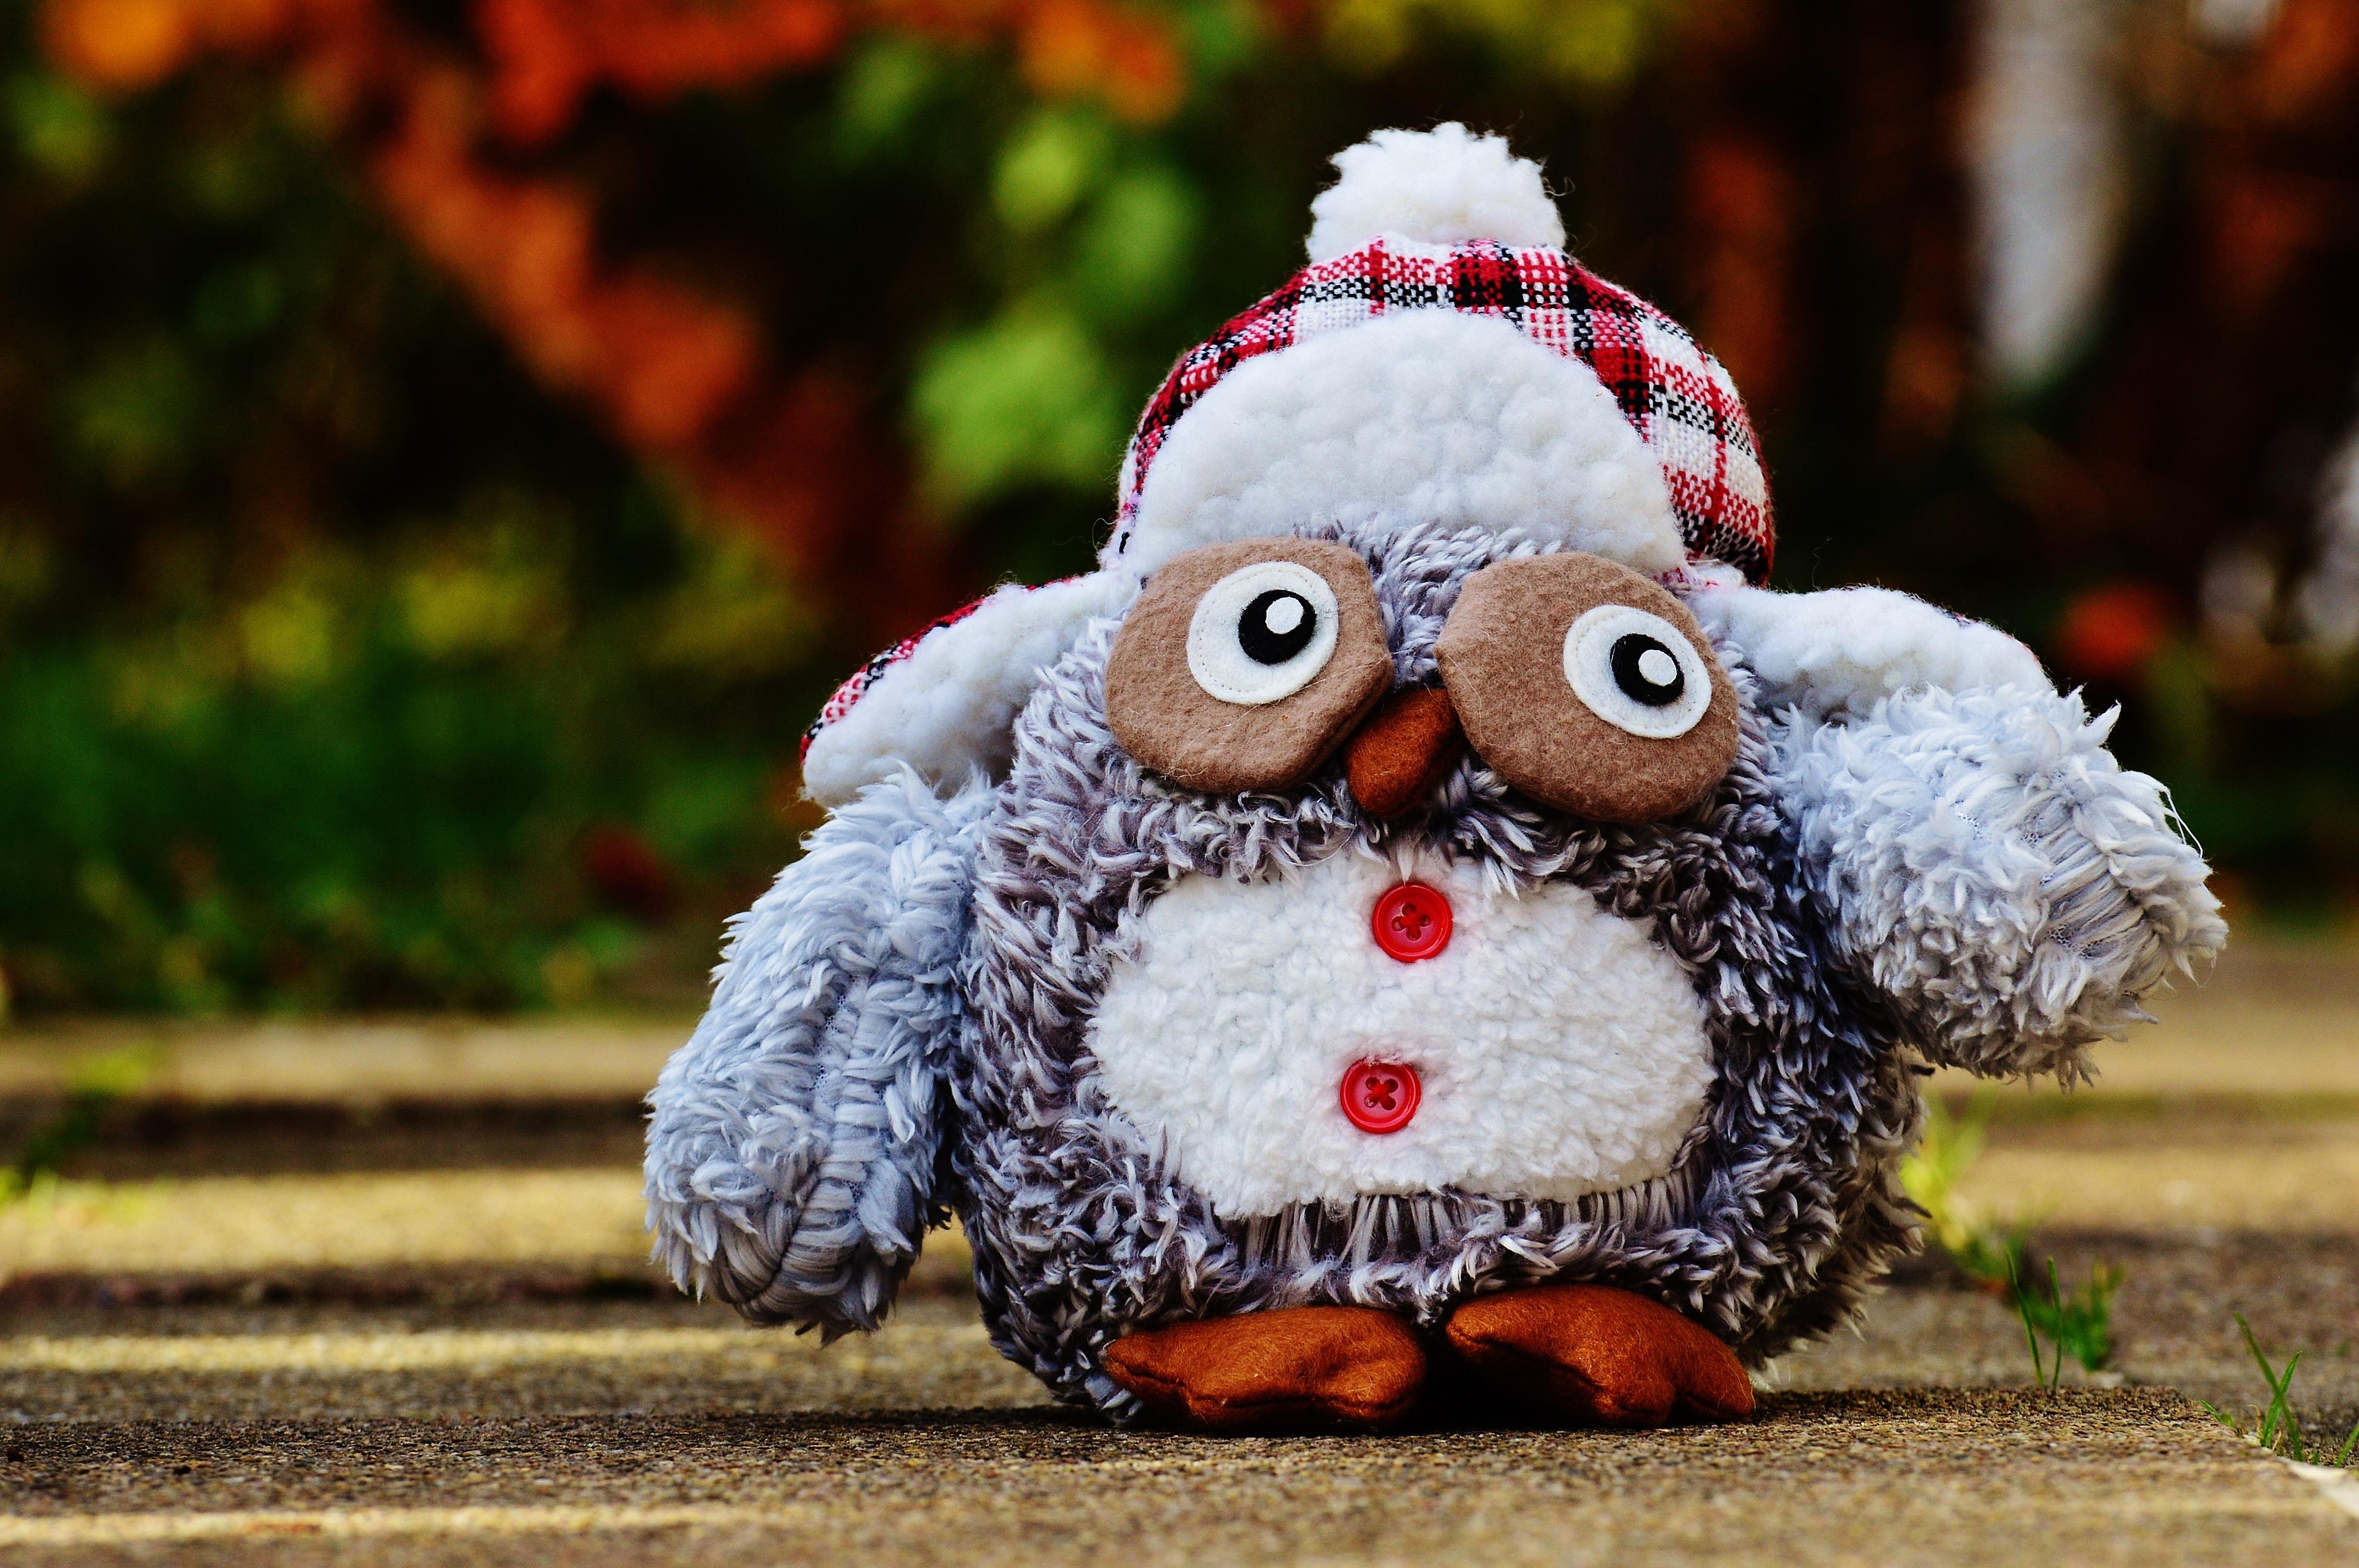 Kostenlose foto : Winter, Vogel, süß, niedlich, Dekoration, Herbst ...